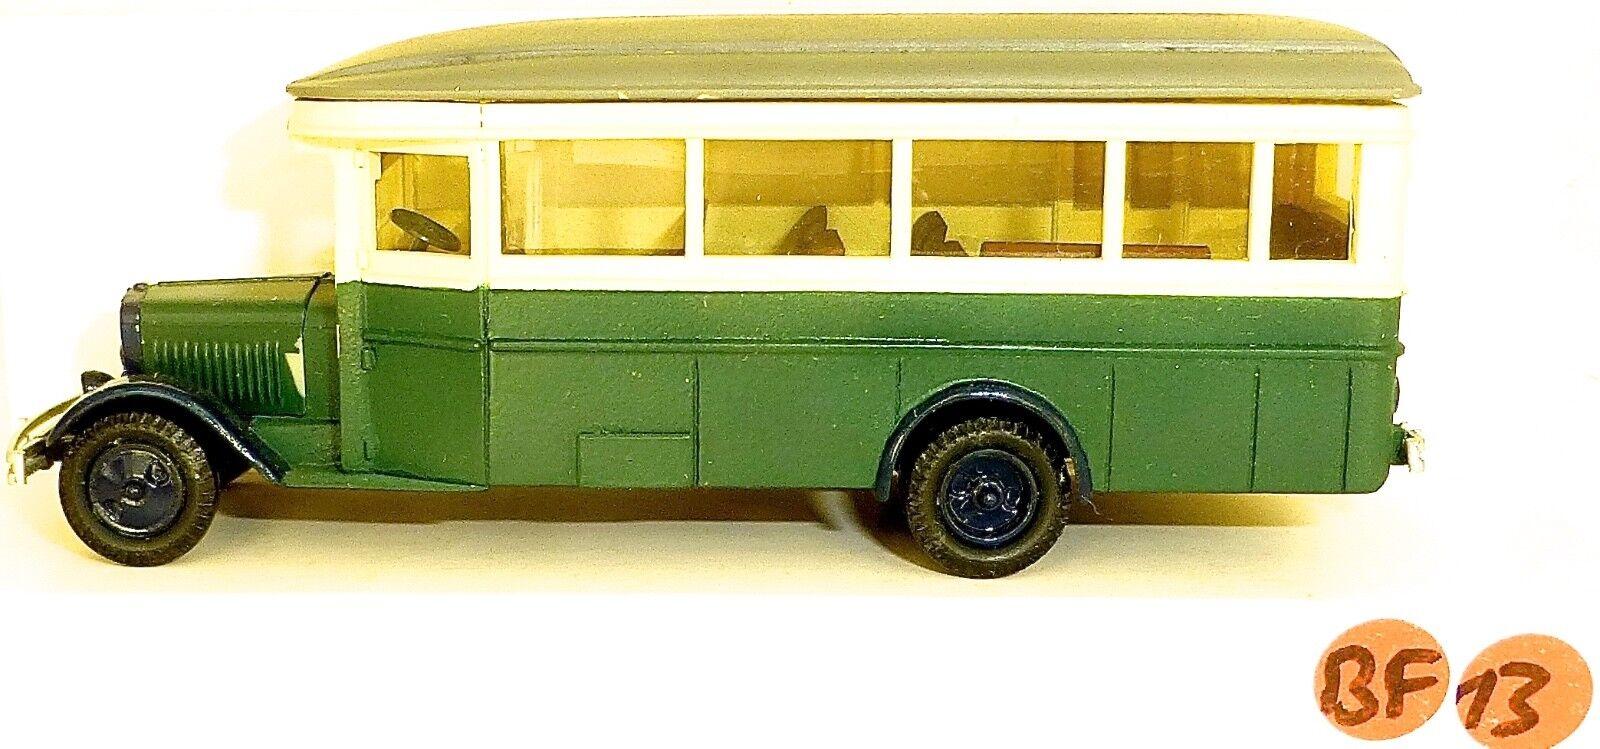 ZIS 8 verde biancao 2 ejes Resina Bus v&v H0 1 87 bf13 å